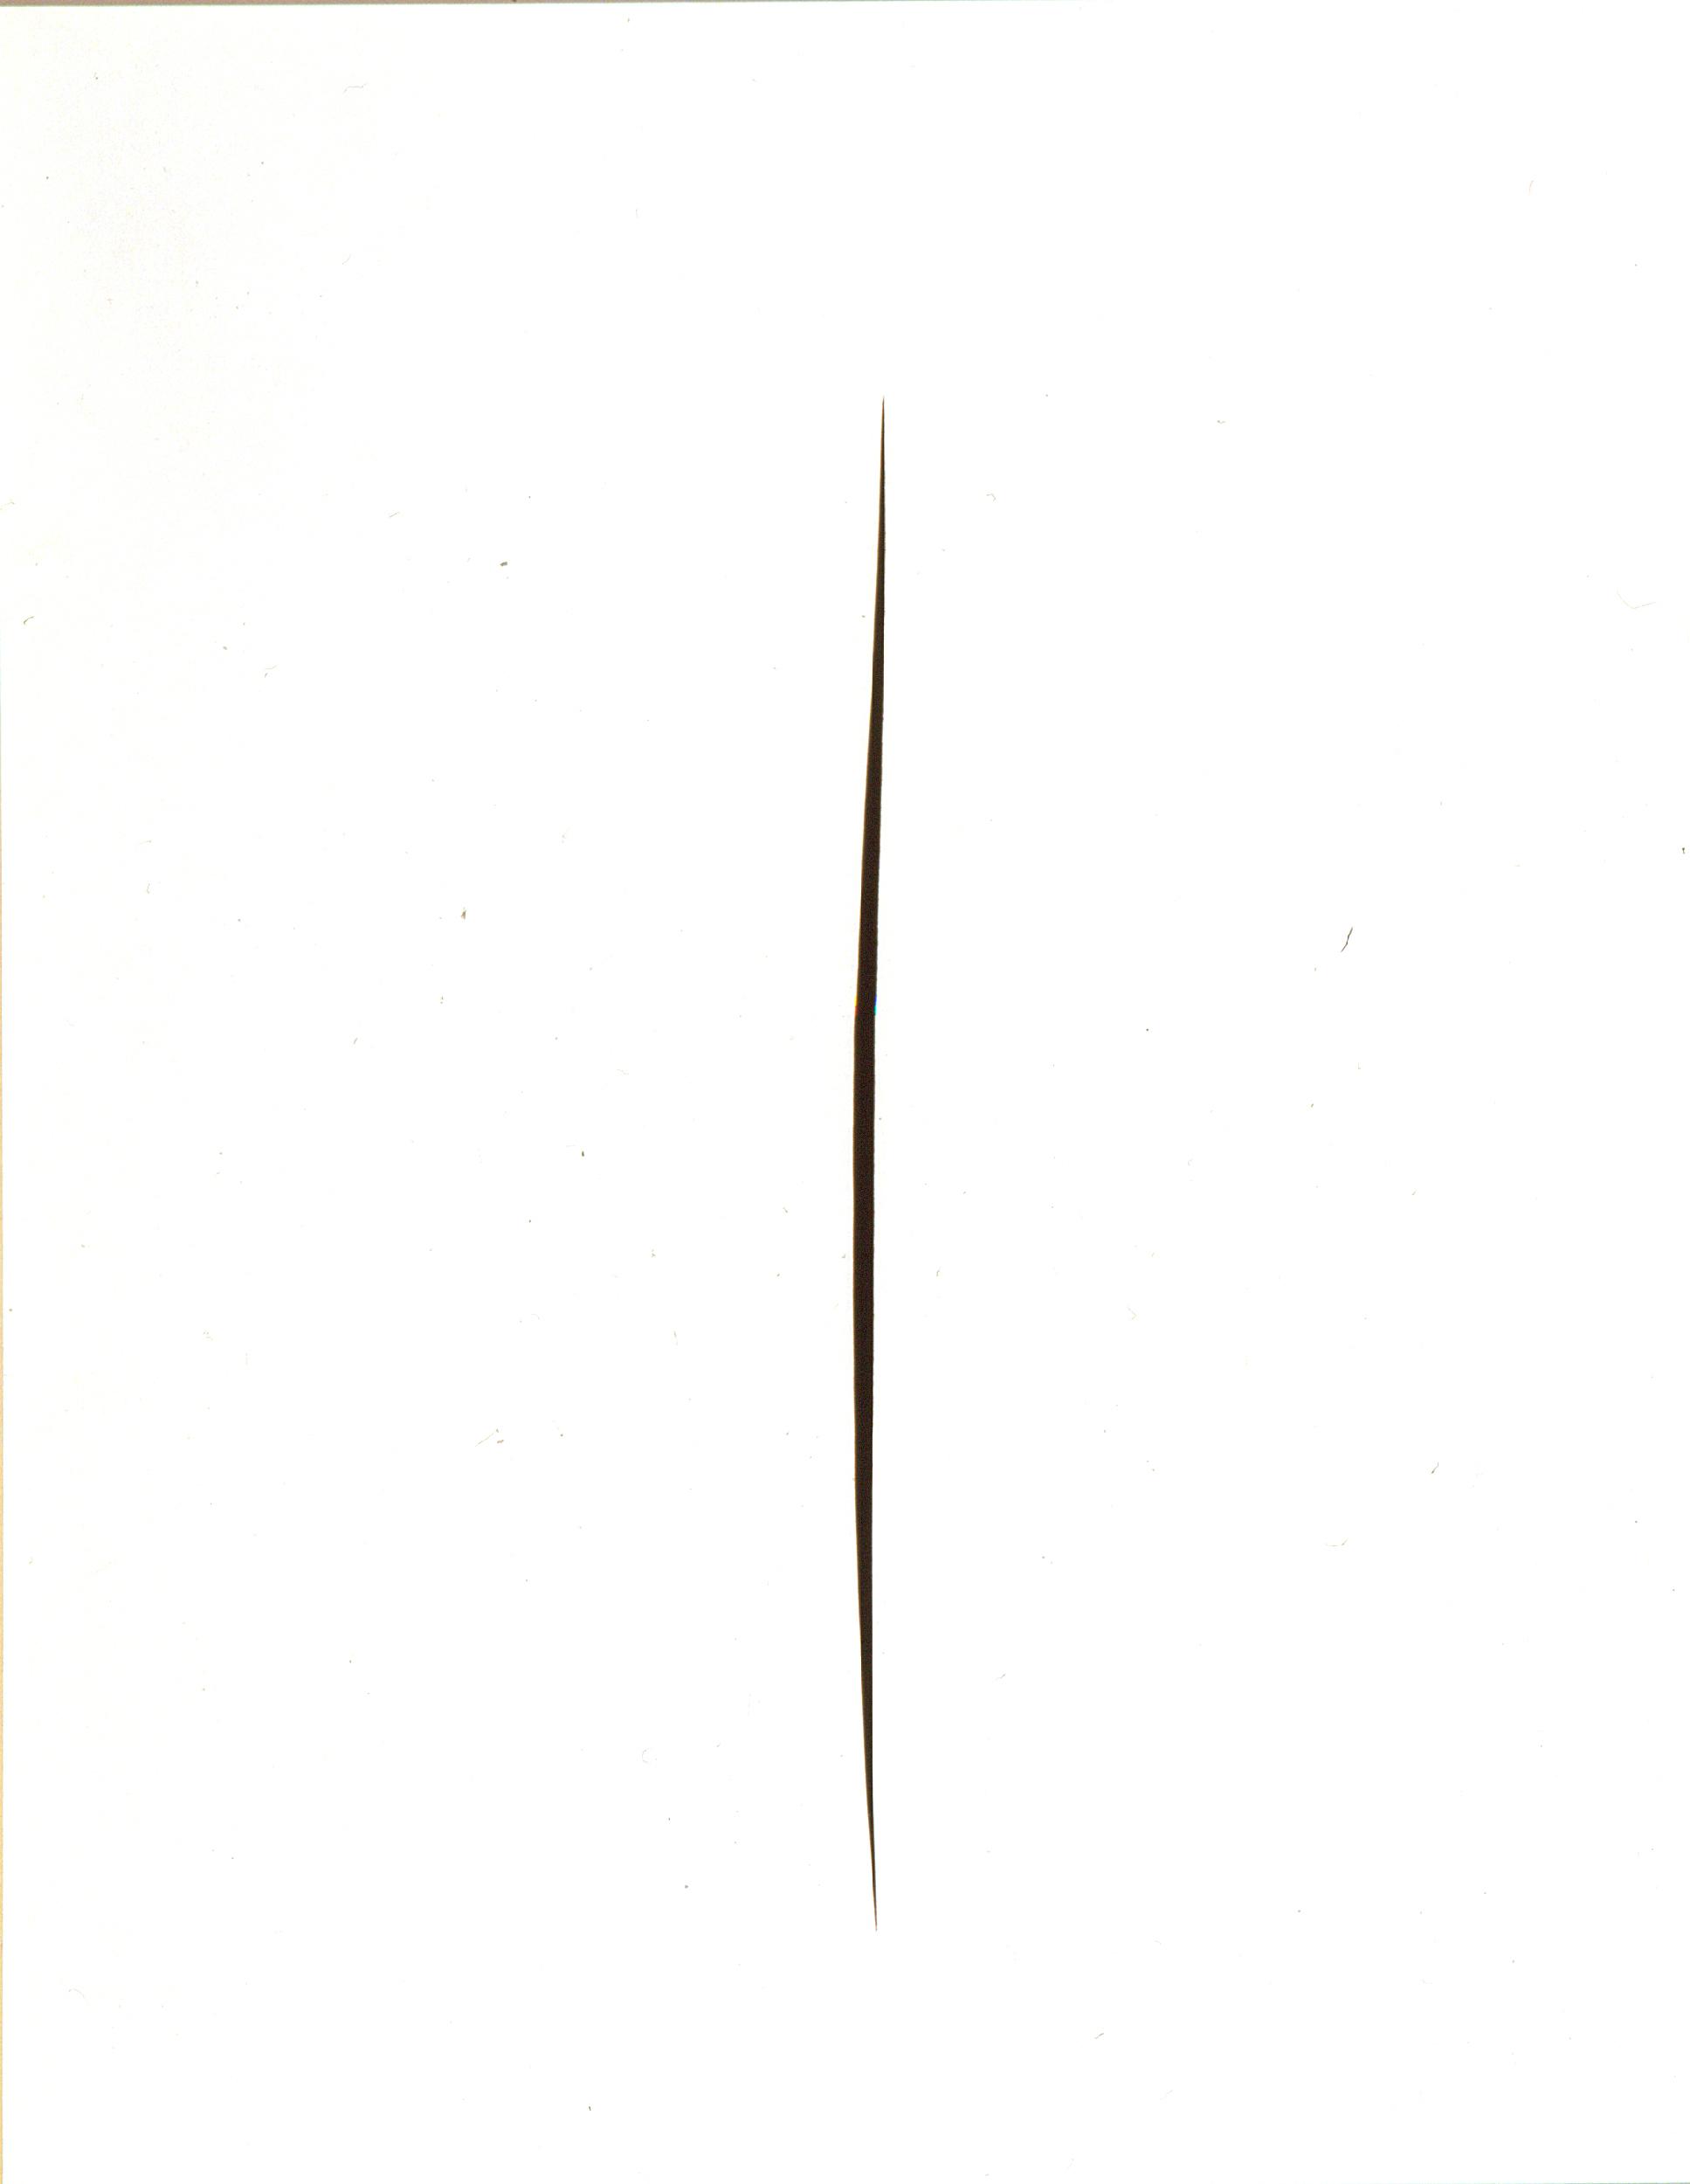 Lucio Fontana (Rosario di Santa Fe 1899-Varese 1968) Concetto spaziale. Attesa,1965, idropittura bianca su tela tagliata, cm 145 x 114. Firenze, Musei Civici Fiorentini - Museo Novecento. Fototeca Musei Civici Fiorentini. © Fondazione Lucio Fontana, Milano by SIAE 2018